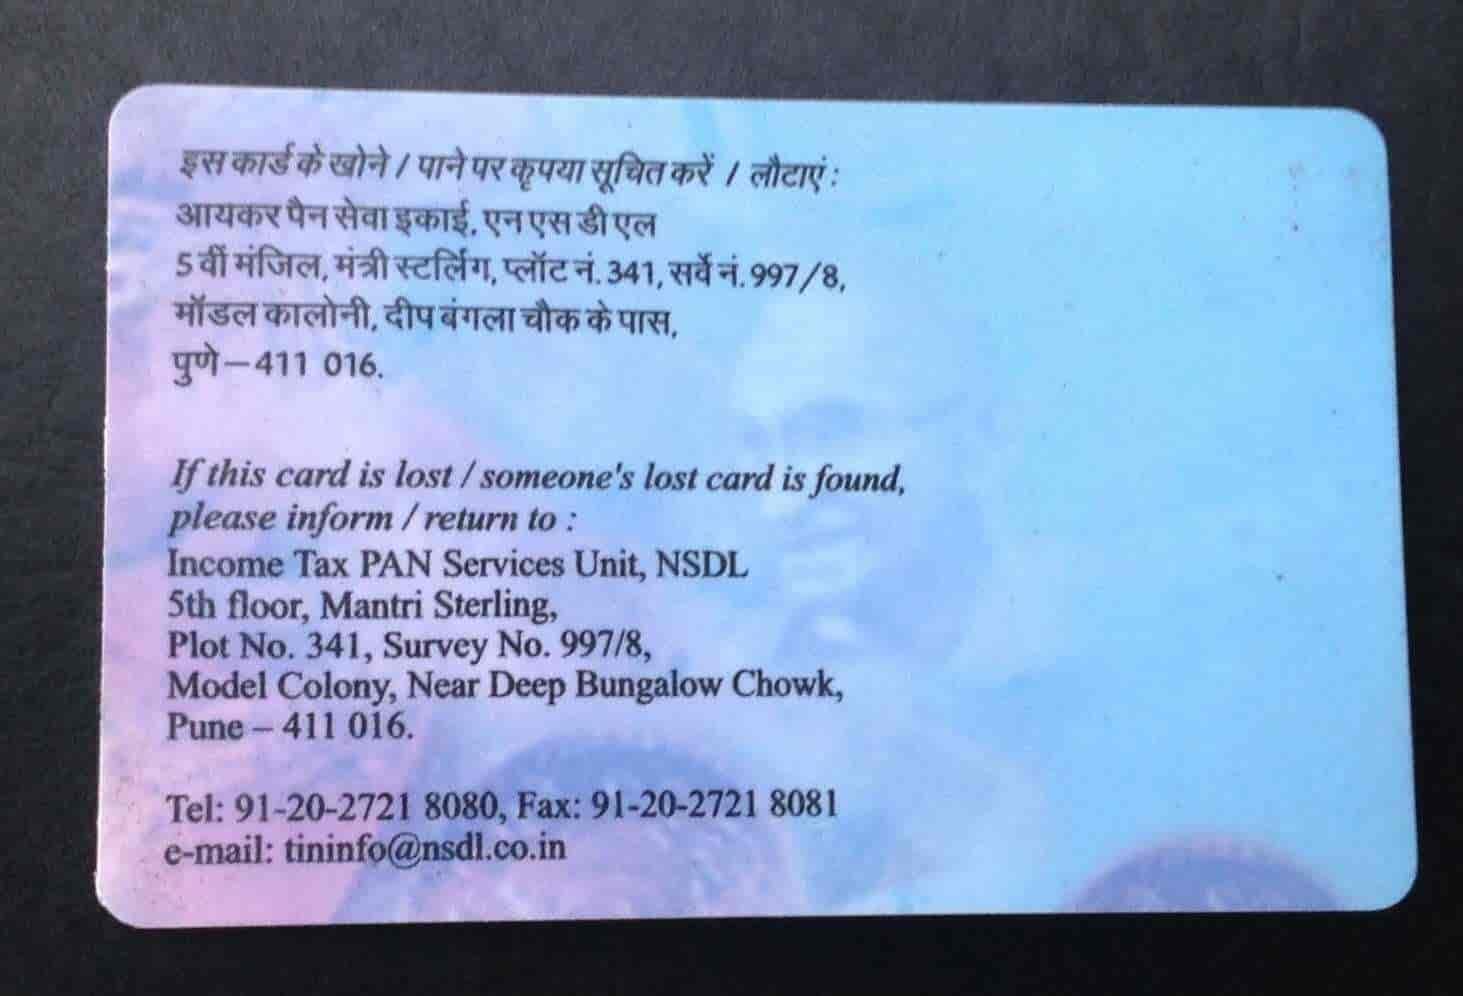 Chetan Pan Card Photos Sakkardara Nagpur Pictures Images